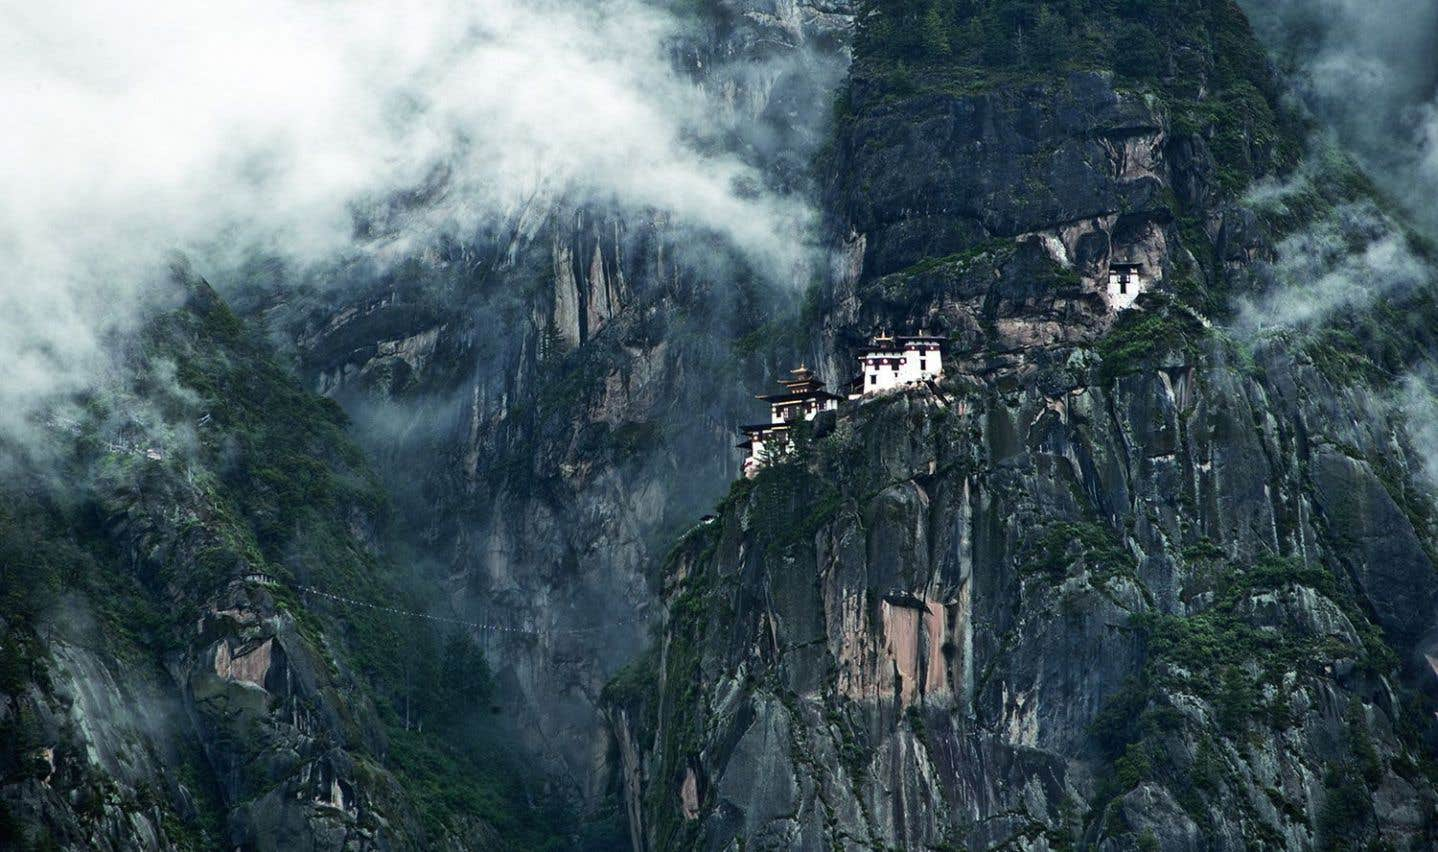 Au Bhoutan, Paro Taktsang (la Tanière du Tigre) est l'un des sites les plus sacrés liés à Padmasambhava. On dit qu'il s'y rendit en volant, à cheval sur une tigresse. Les temples sur la roche à pic ont été construits au XVIIe siècle (2006).